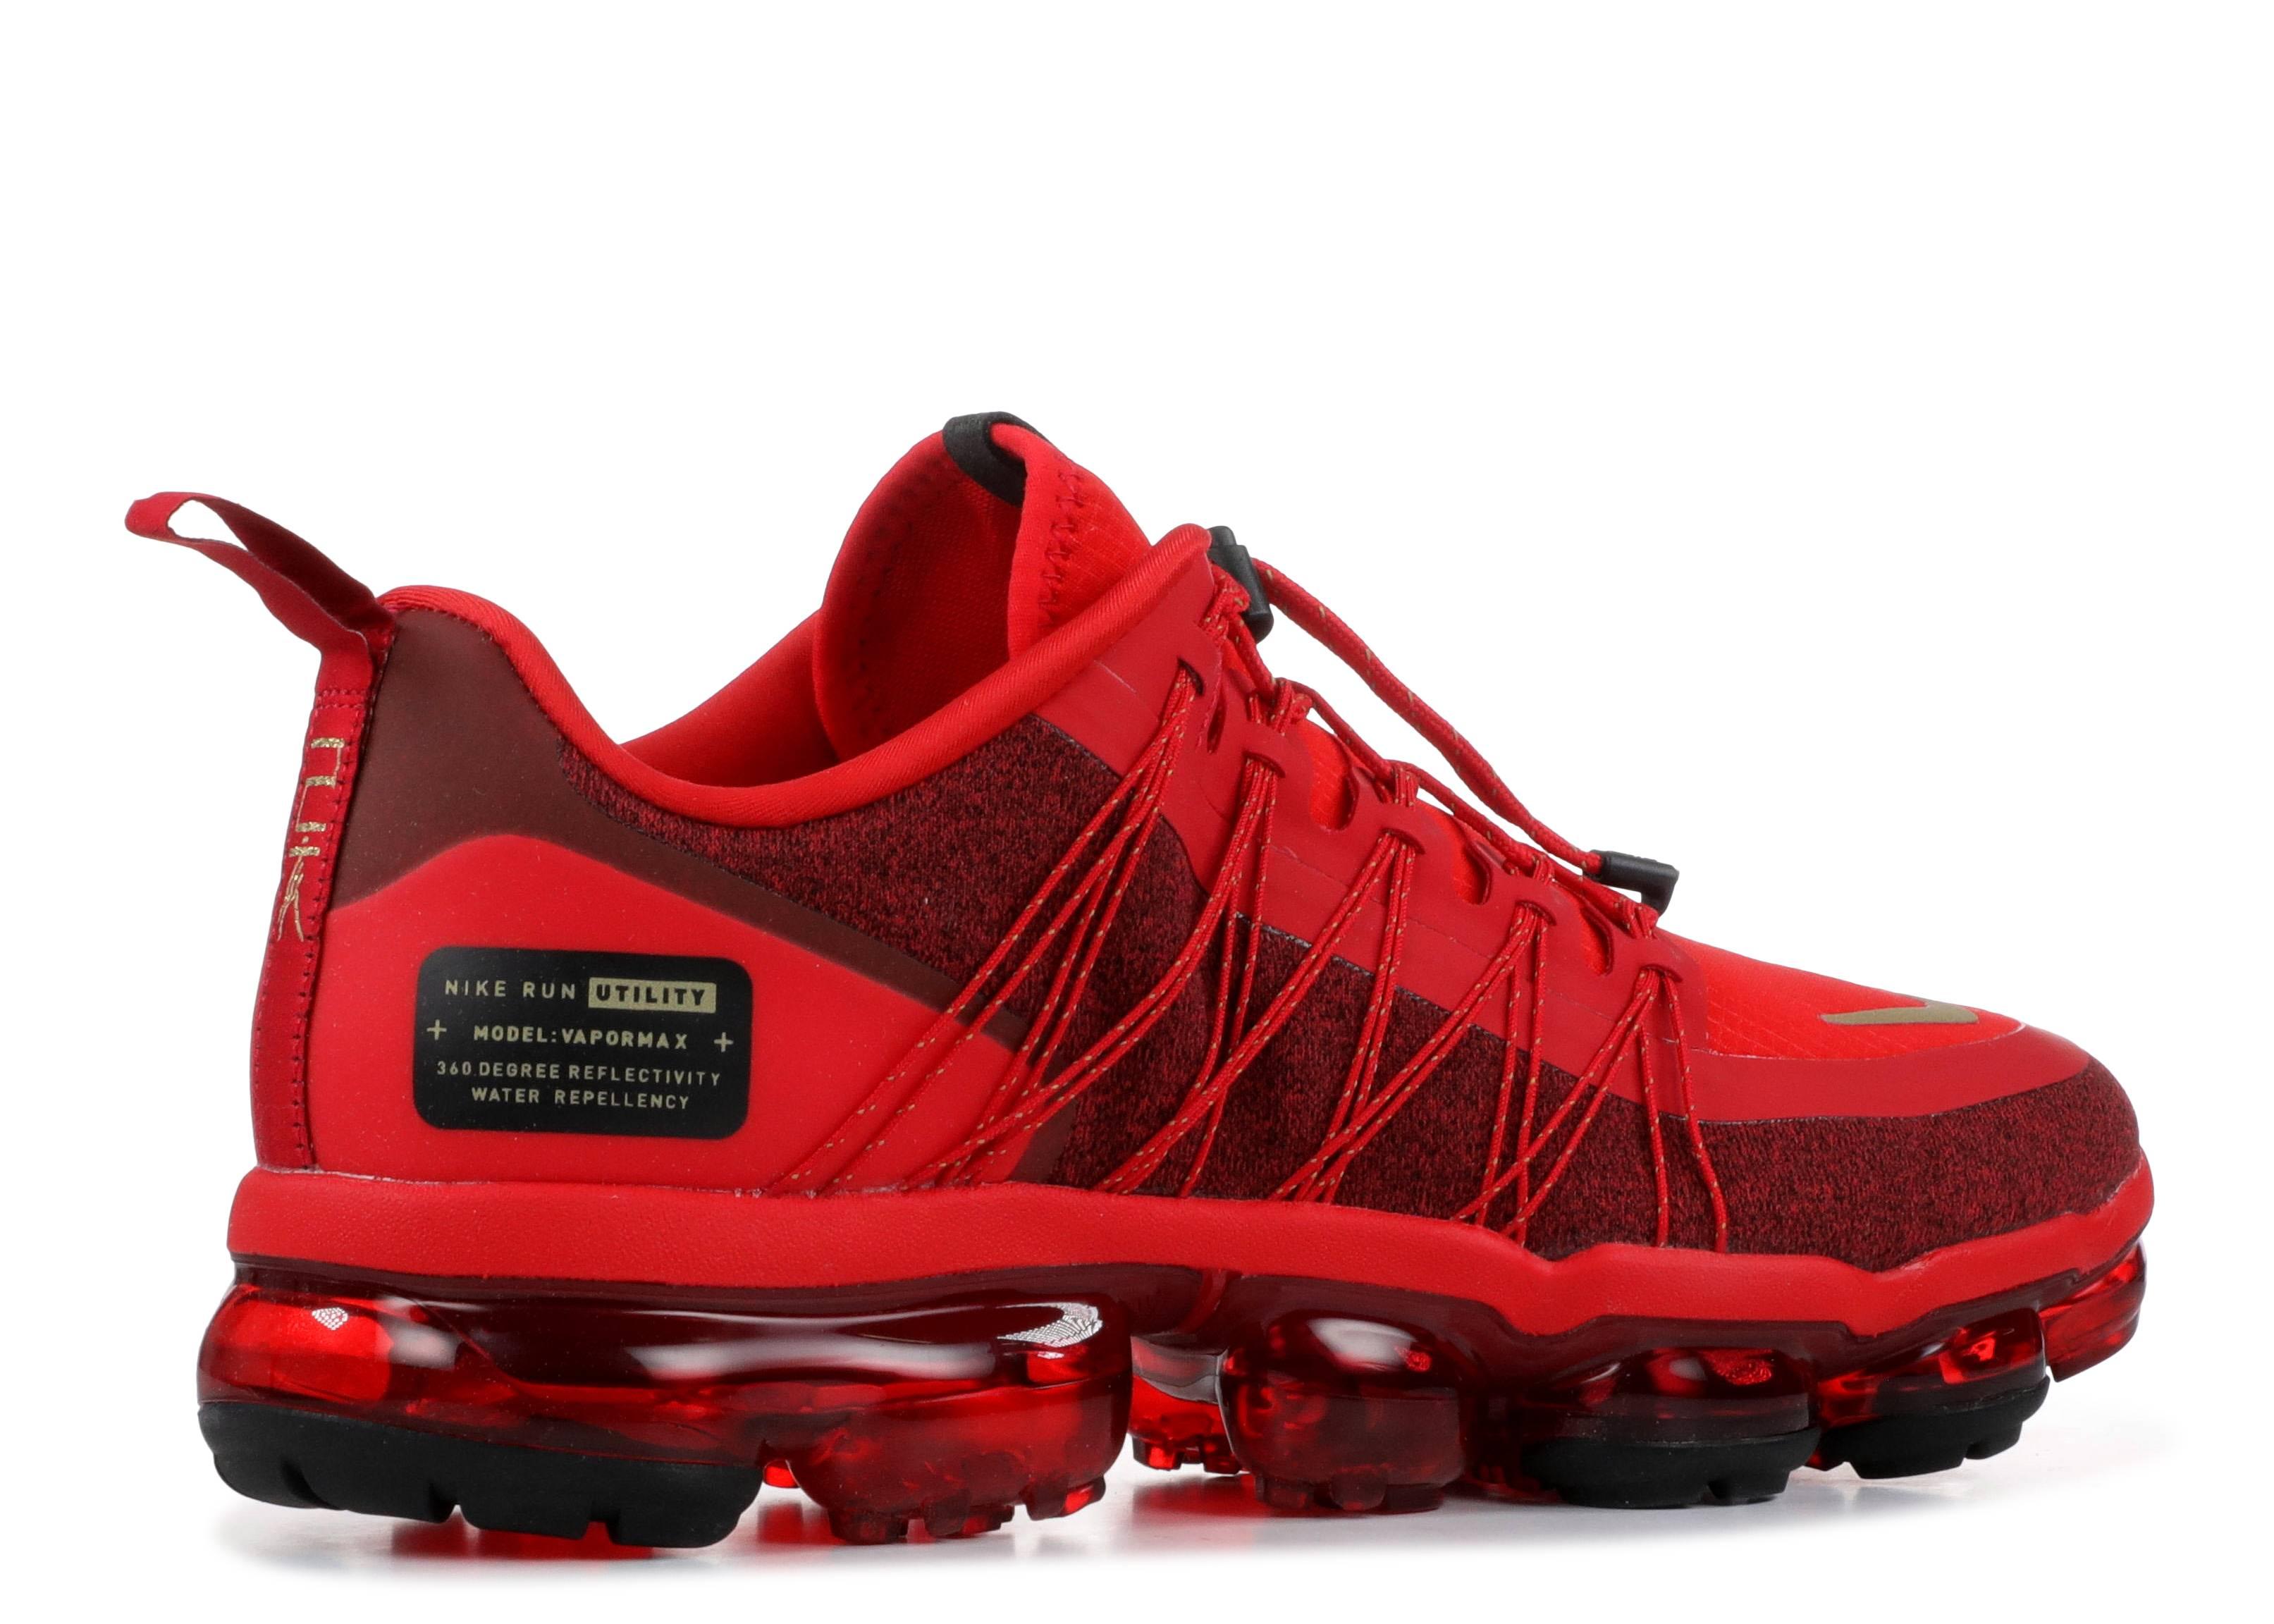 b44bcfb06 Nike Air Vapormax Rn Utlty Cny